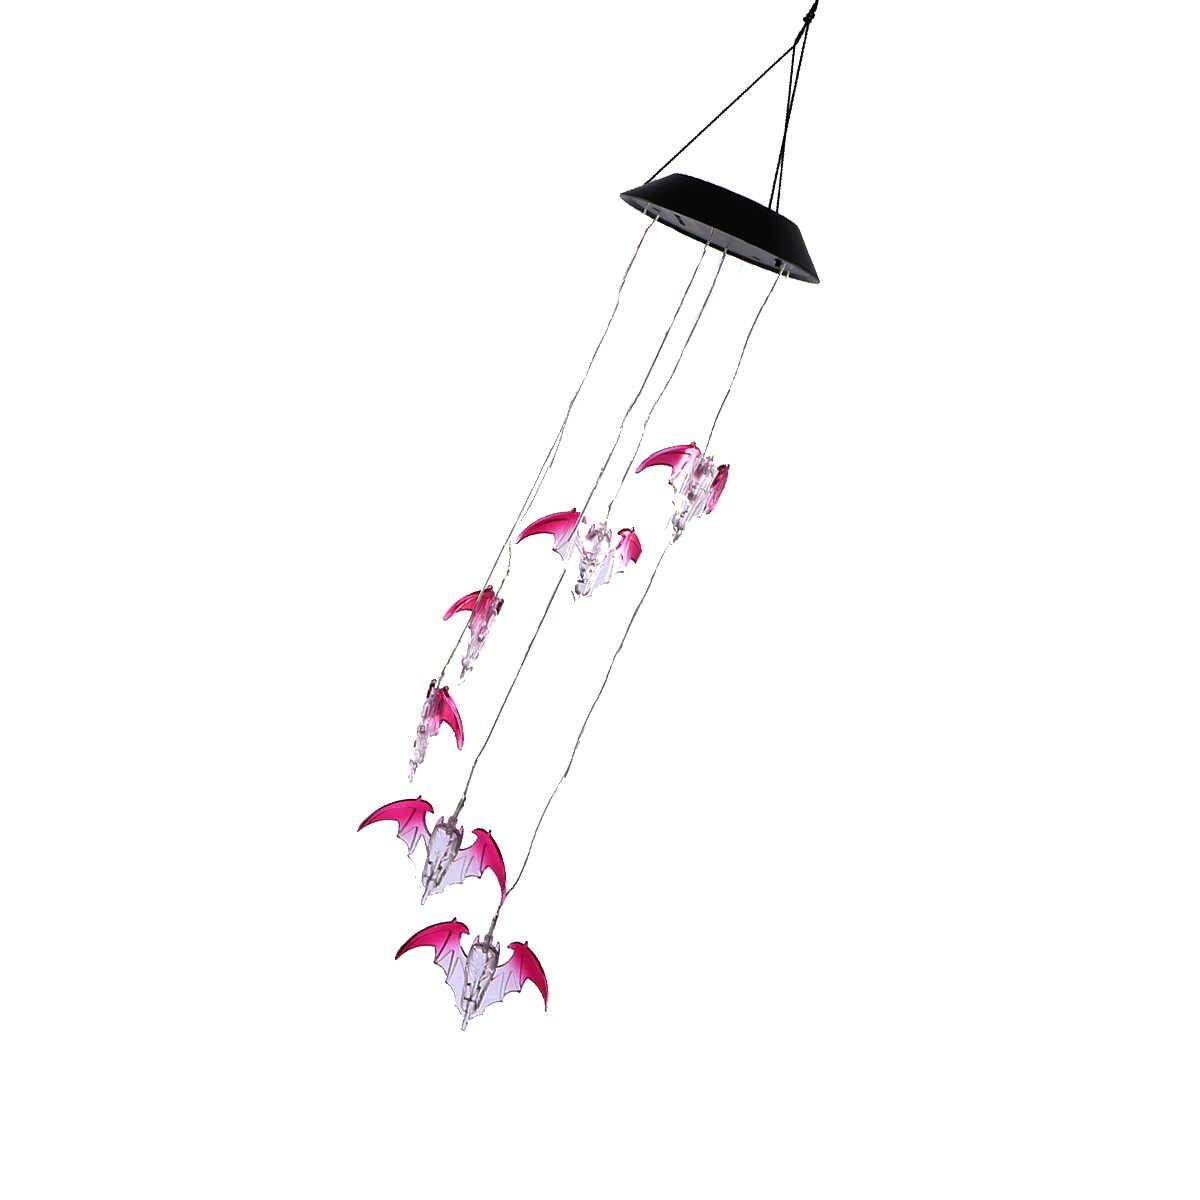 WINOMO светодиодный Solar Wind Chime Bat Цвет Изменение мобильный Wind Chime свет для Офис вечерние сад балкон Спальня